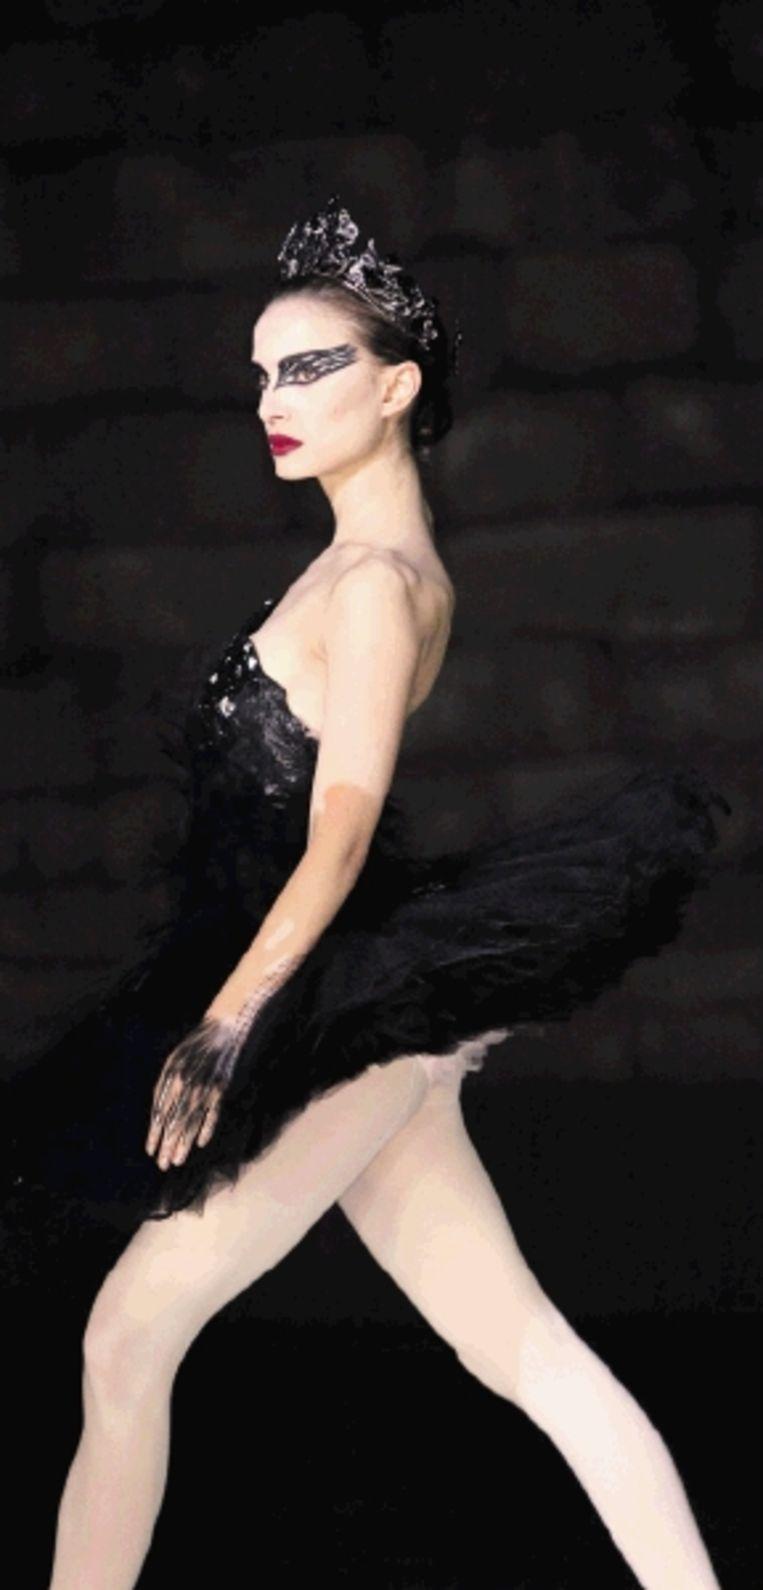 Natalie Portman moet zowel de Witte als de Zwarte Zwaan spelen. (Trouw) Beeld REUTERS